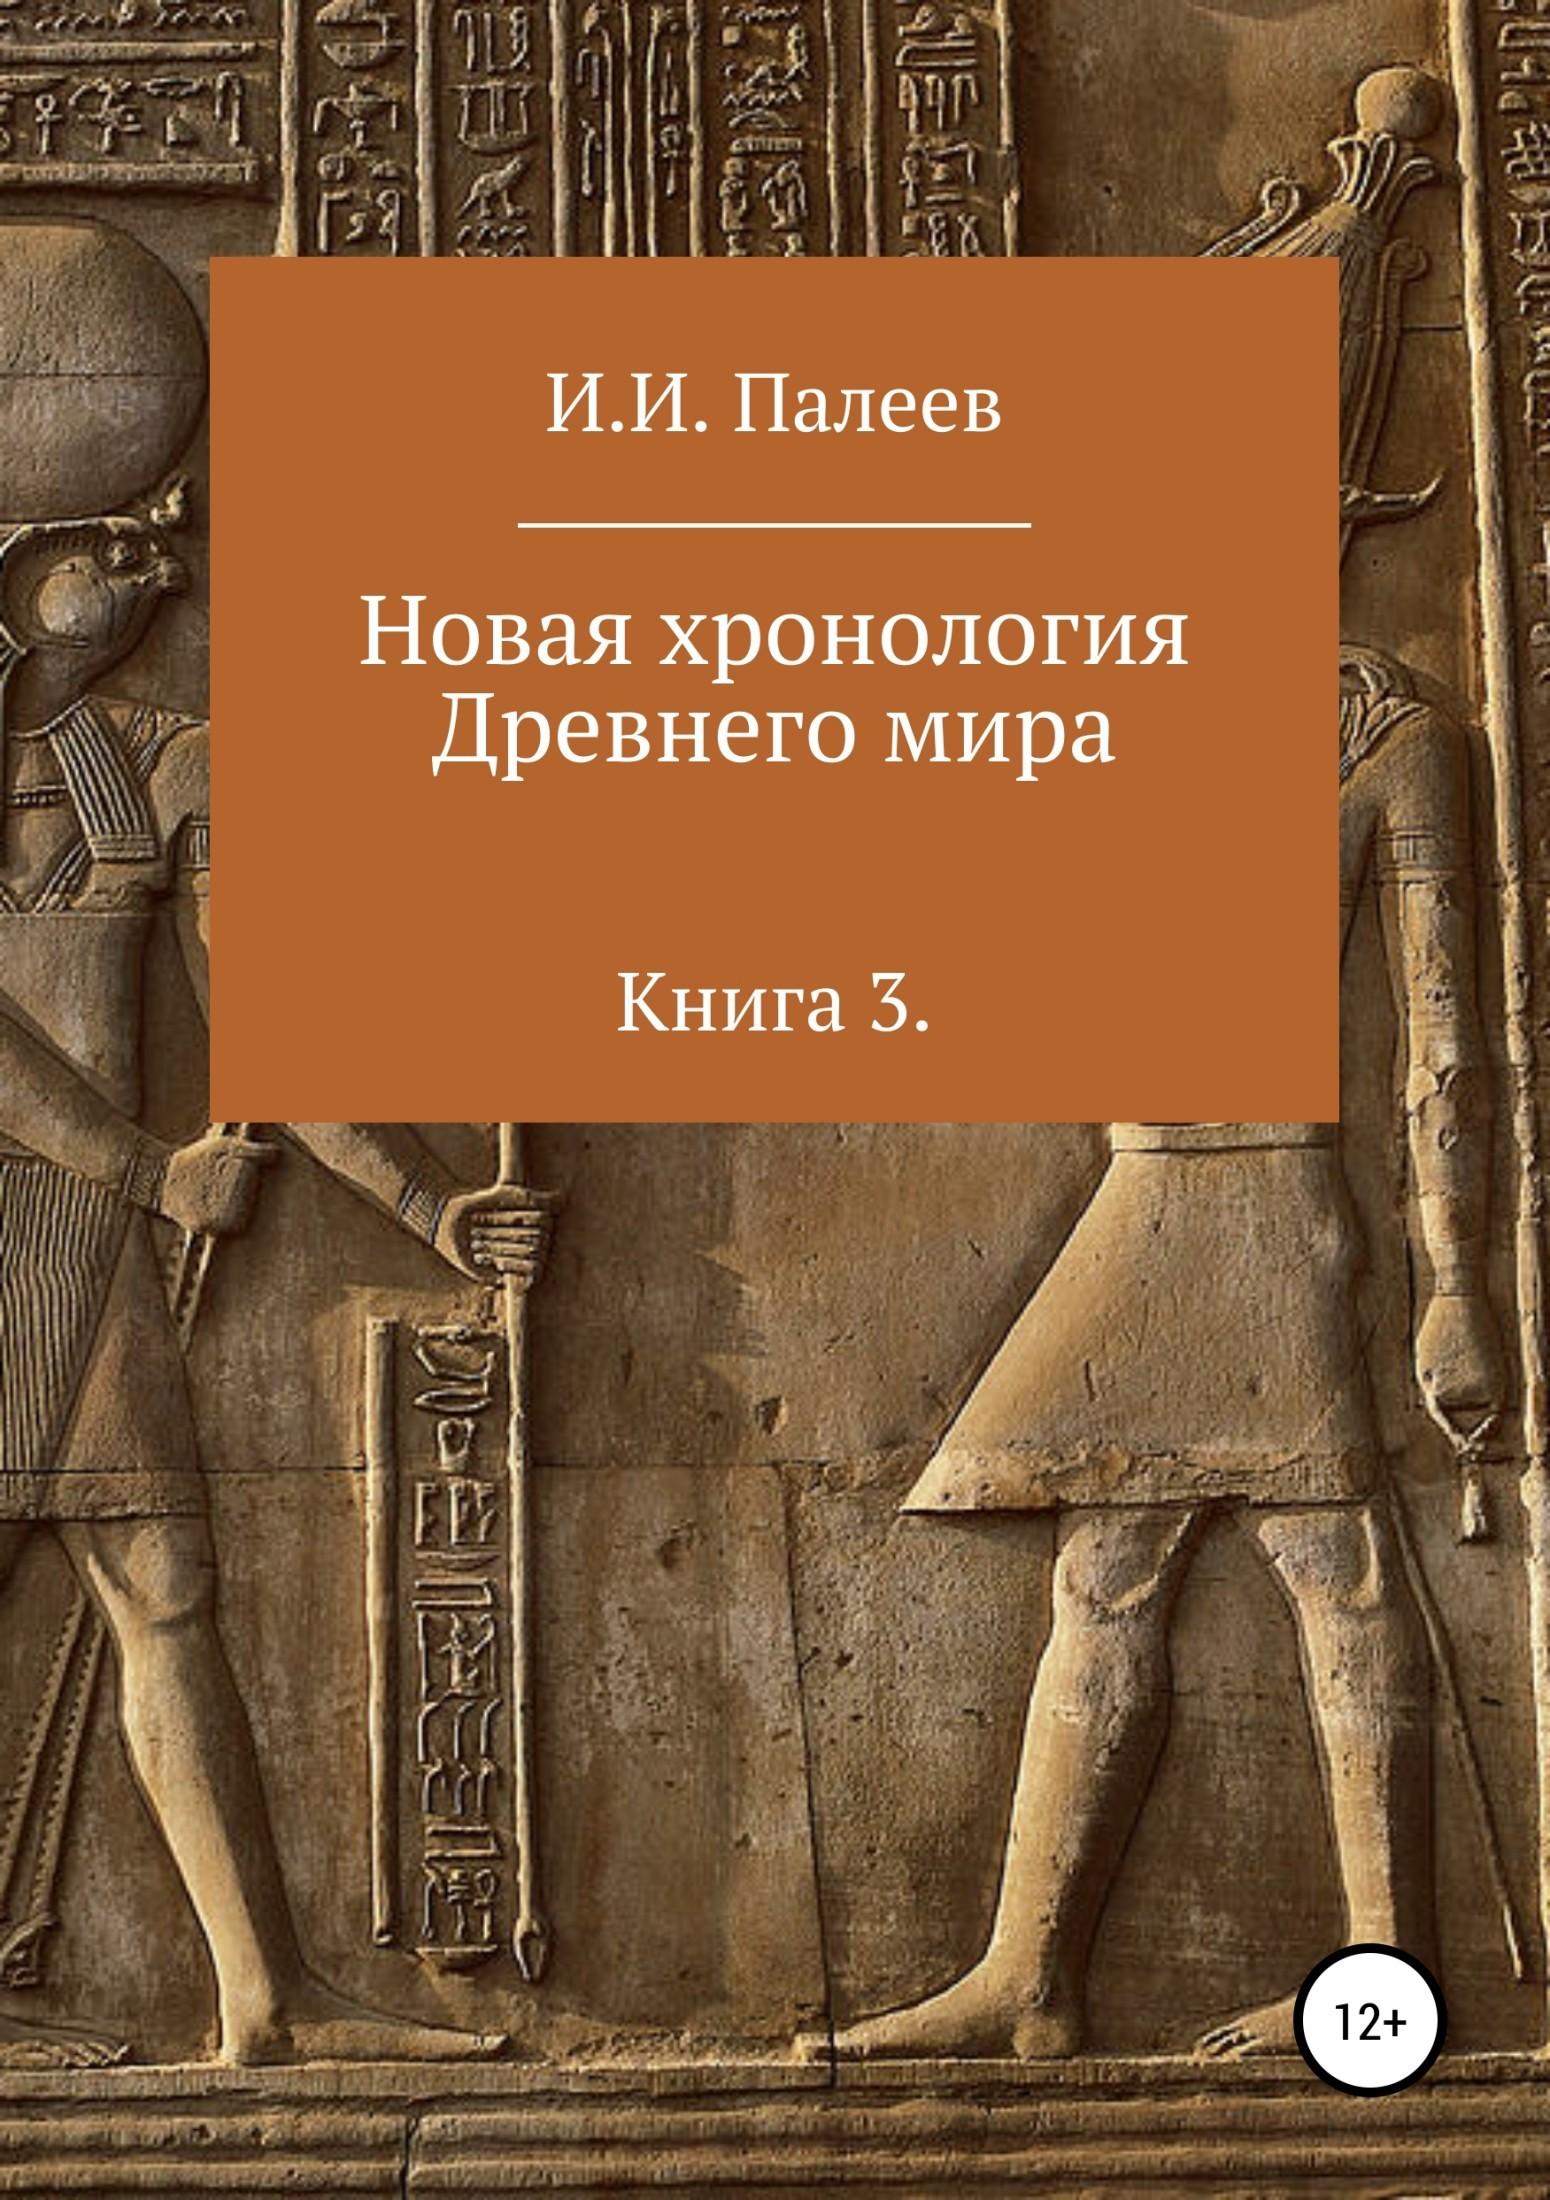 Новая хронология Древнего мира. Книга 3